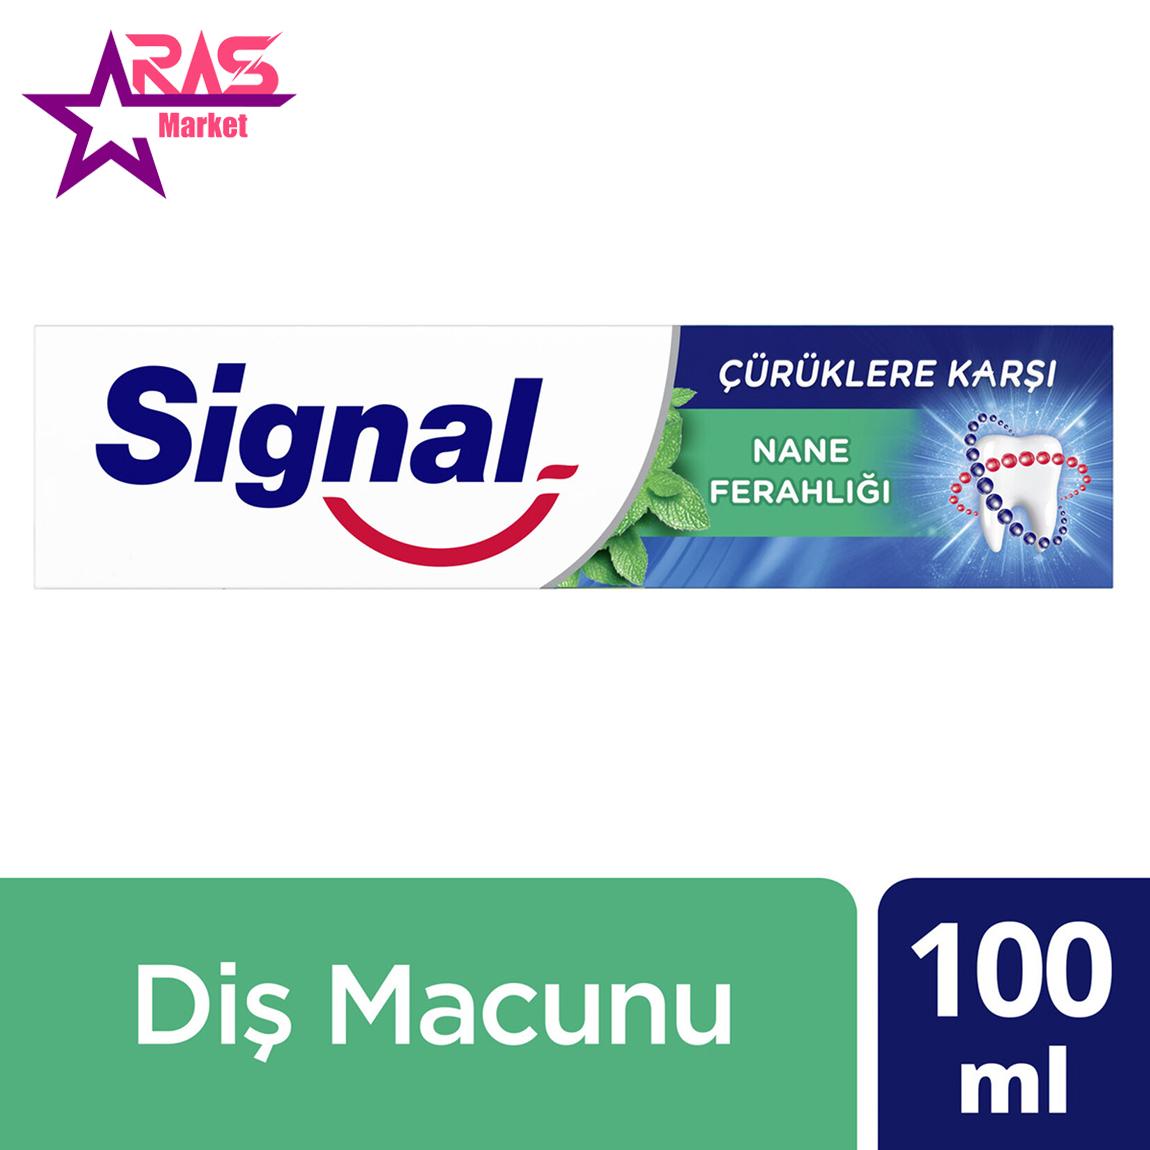 خمیر دندان سیگنال ضد پوسیدگی با رایحه نعنا 100 میلی لیتر ، فروشگاه اینترنتی ارس مارکت ، خمیردندان سیگنال